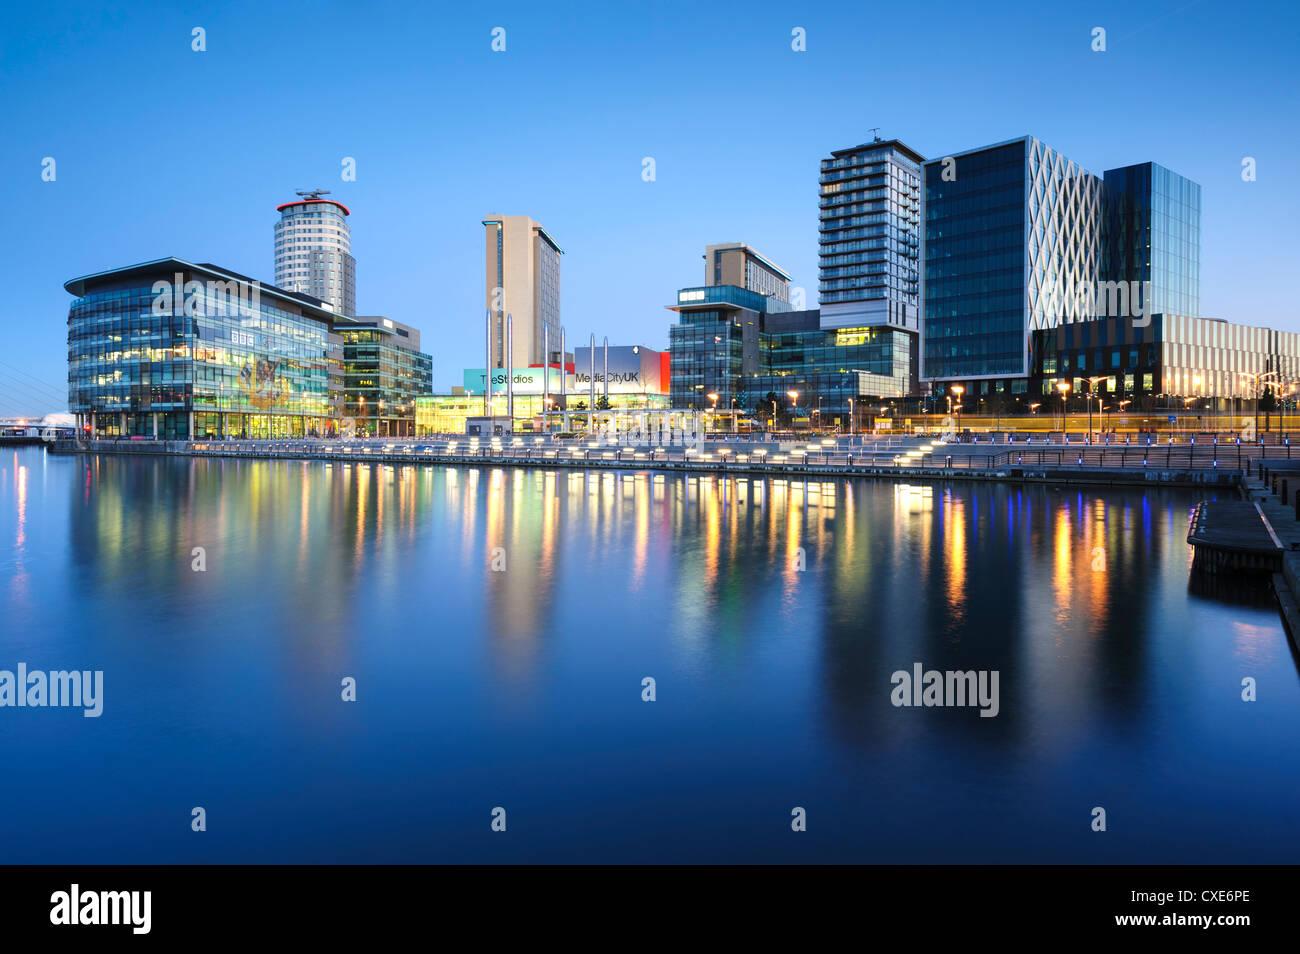 Alba a MediaCity UK home della BBC, Salford Quays, Manchester, Greater Manchester, Inghilterra, Regno Unito, Europa Immagini Stock